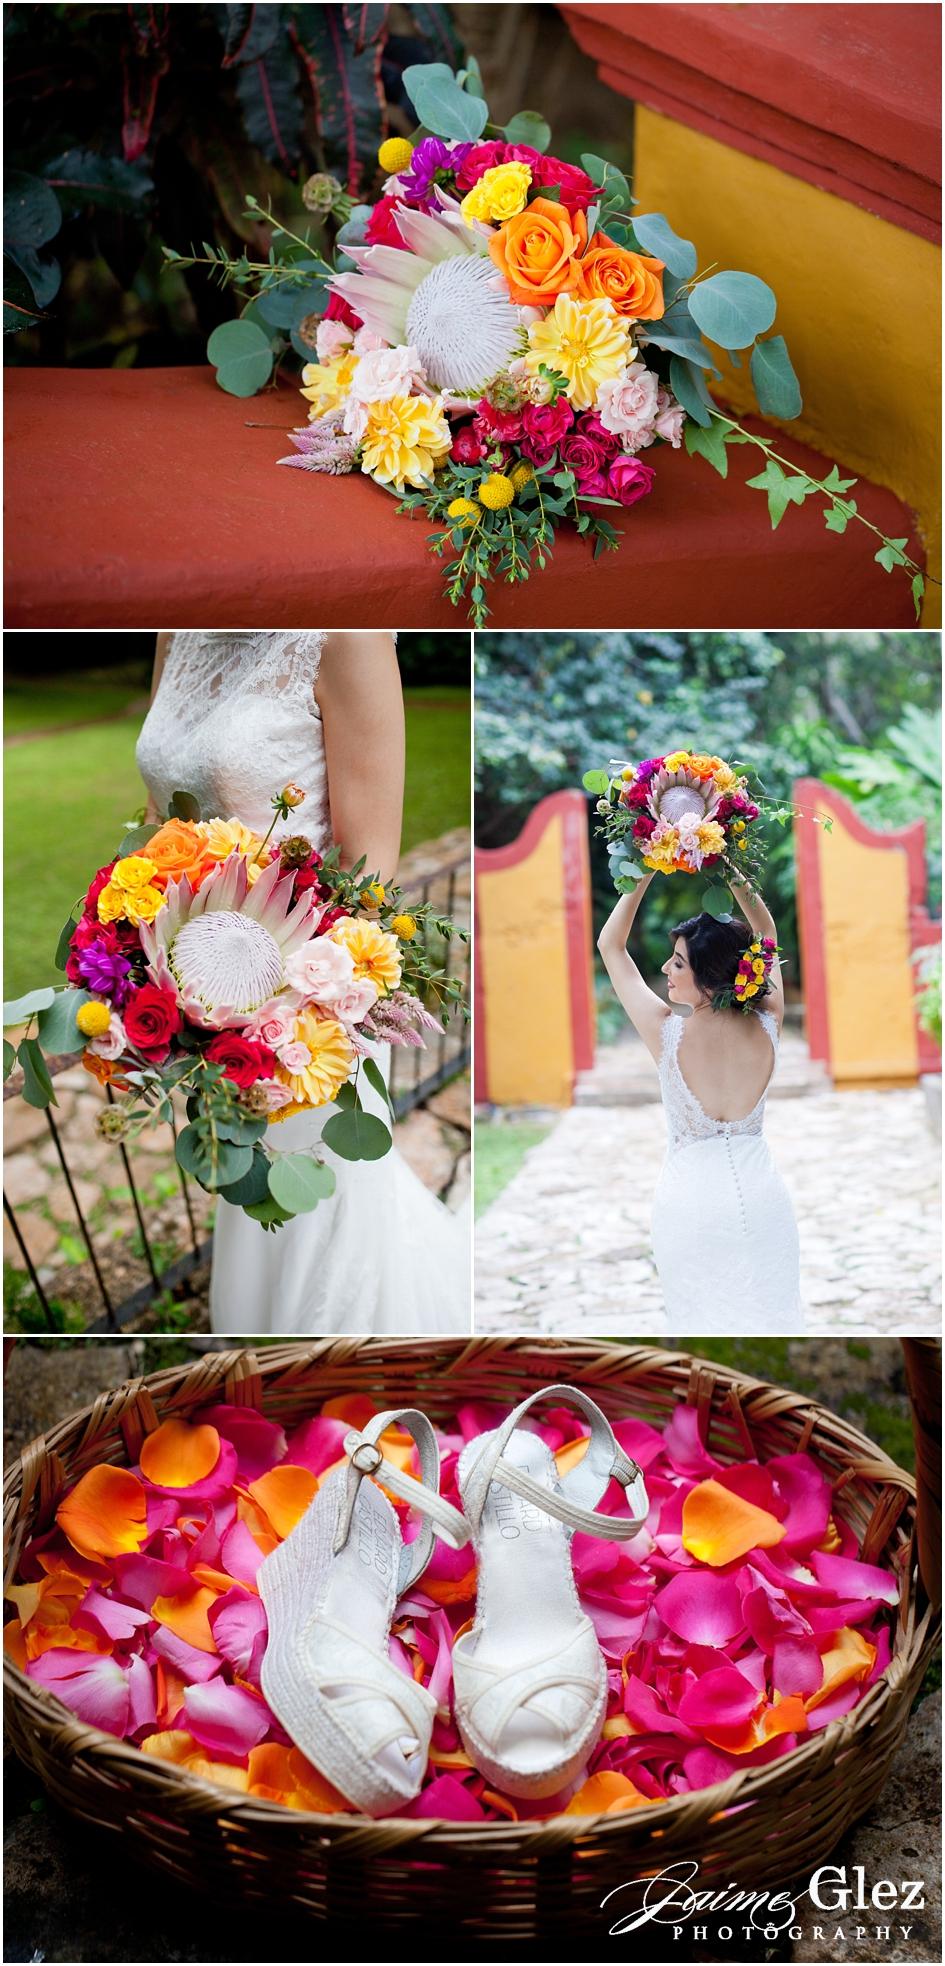 Precioso ramo de novia lleno de color y flores exóticas! Divino!